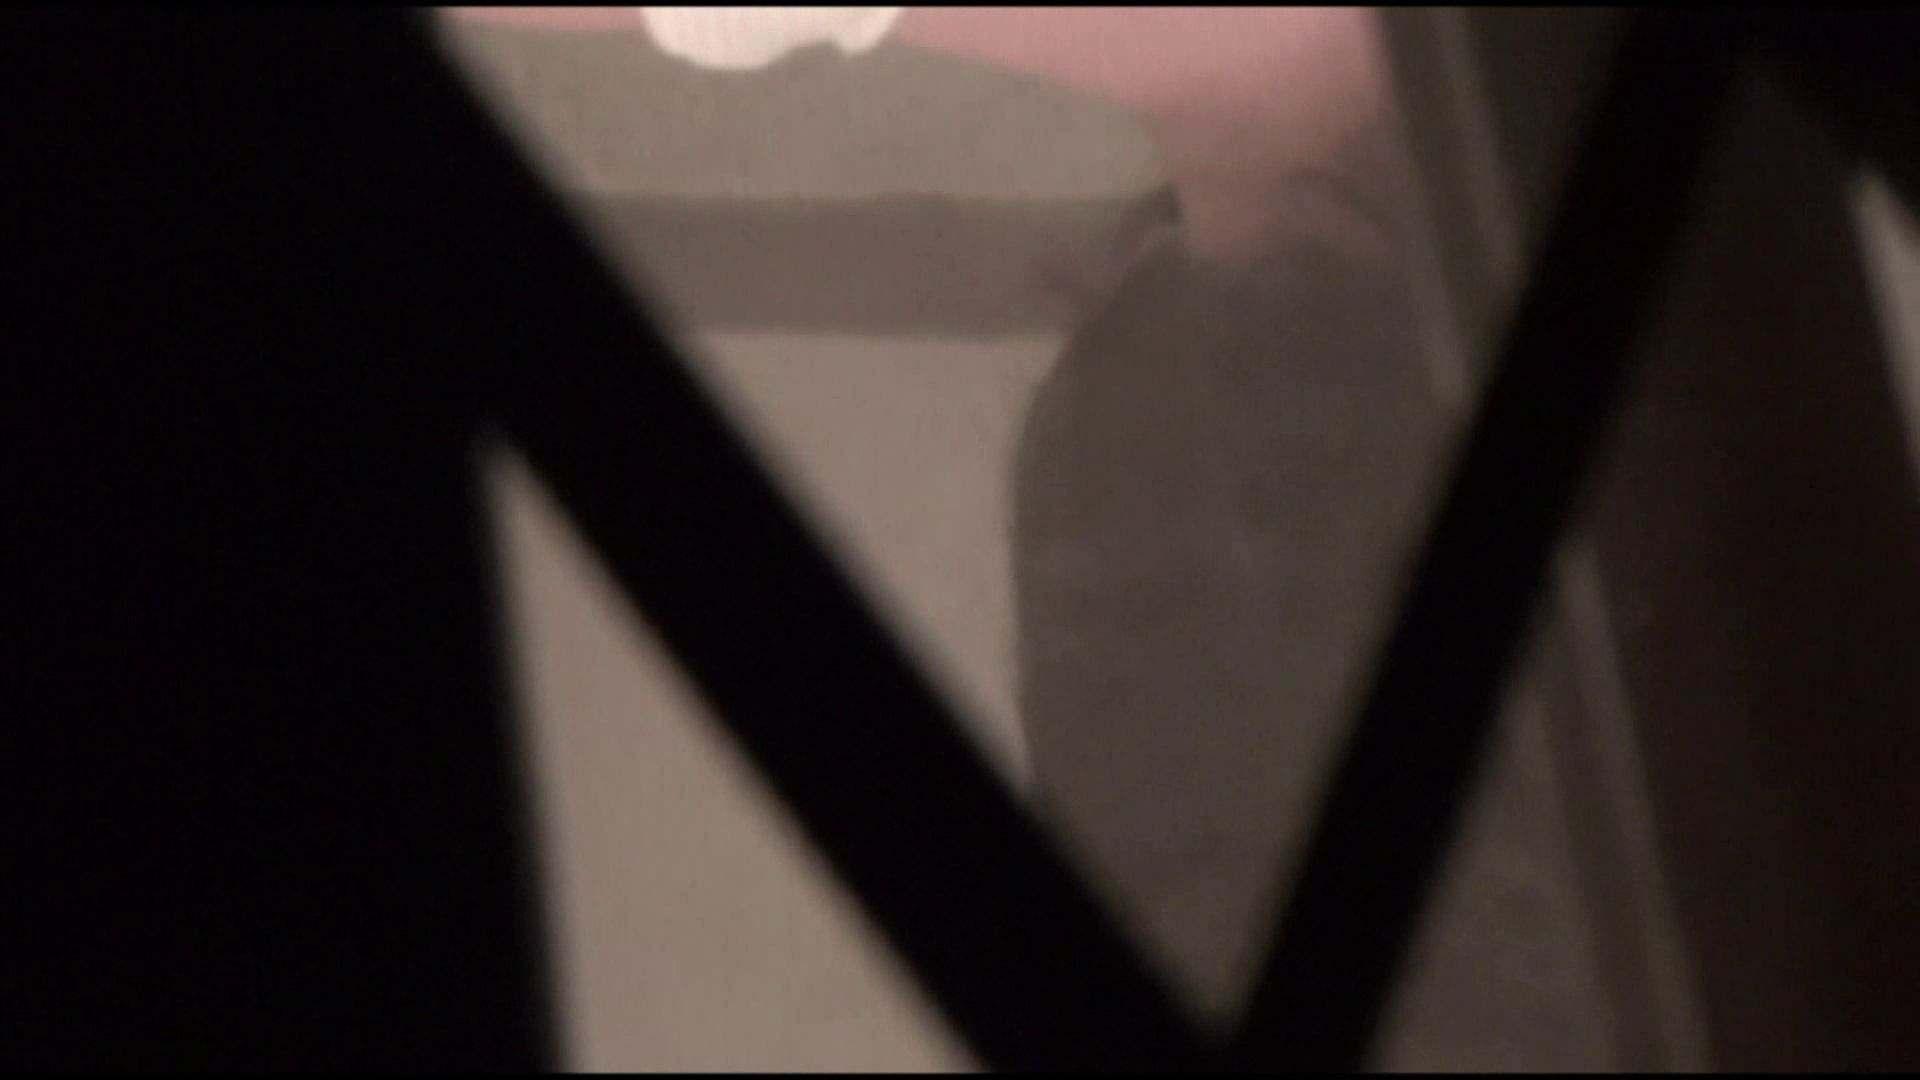 民家の騎士さんの最後の性戦ハイビジョン!!No.47 おっぱい オマンコ無修正動画無料 79画像 54